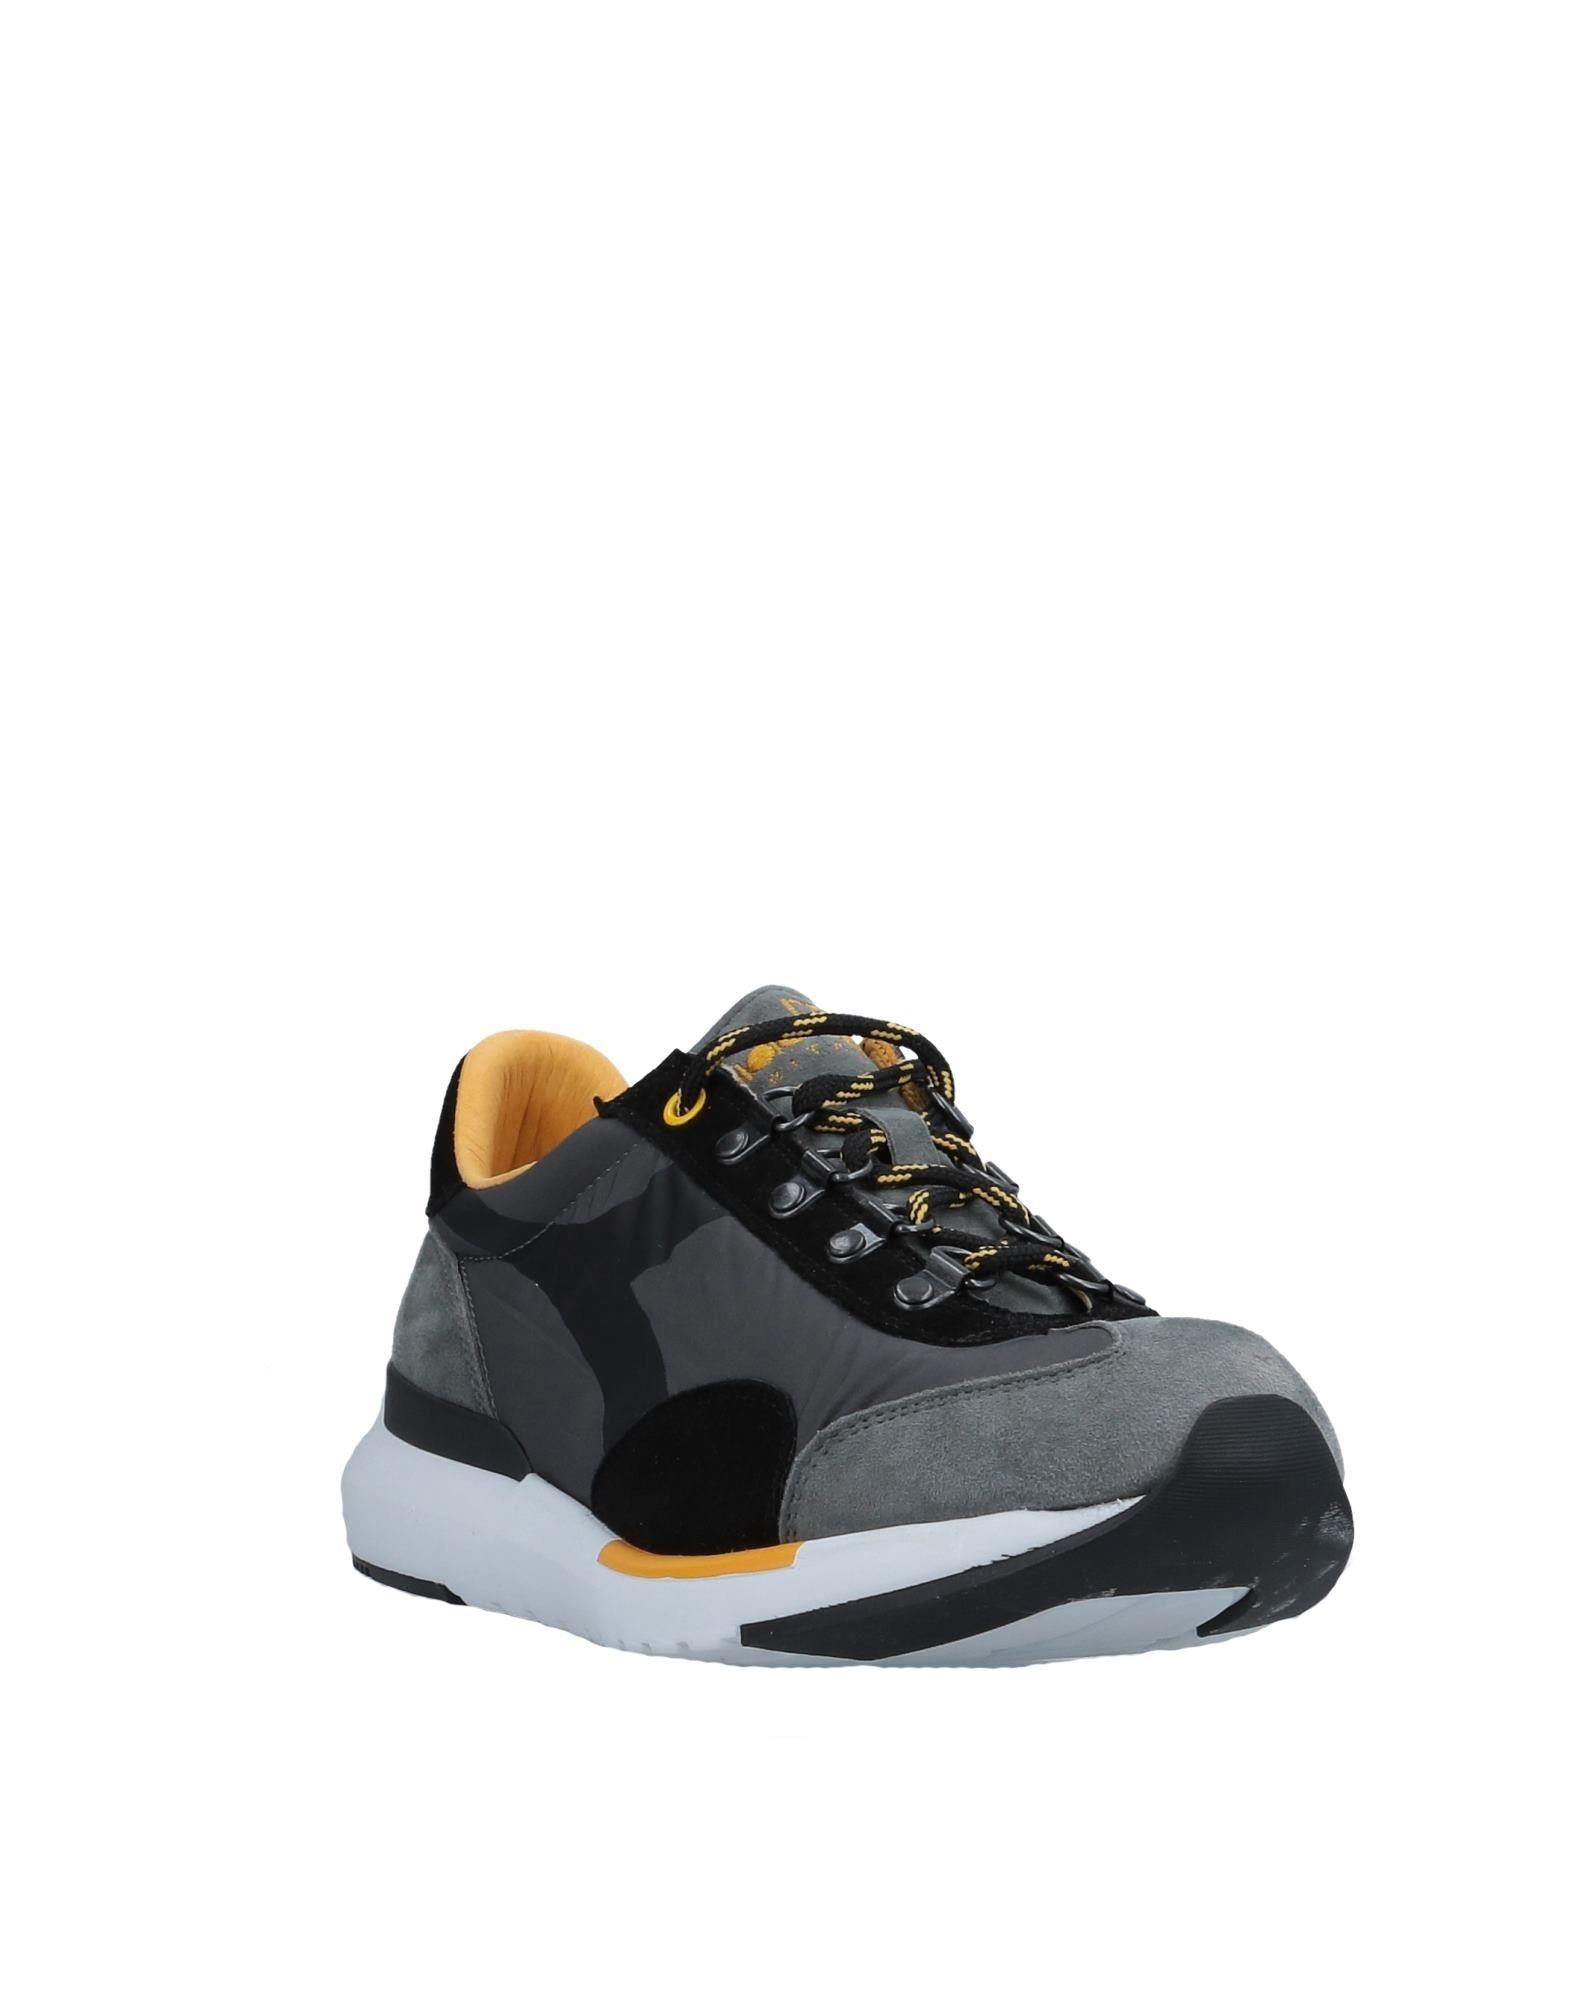 Rabatt echte Schuhe Herren Diadora Heritage Sneakers Herren Schuhe  11507683JU 54a27f